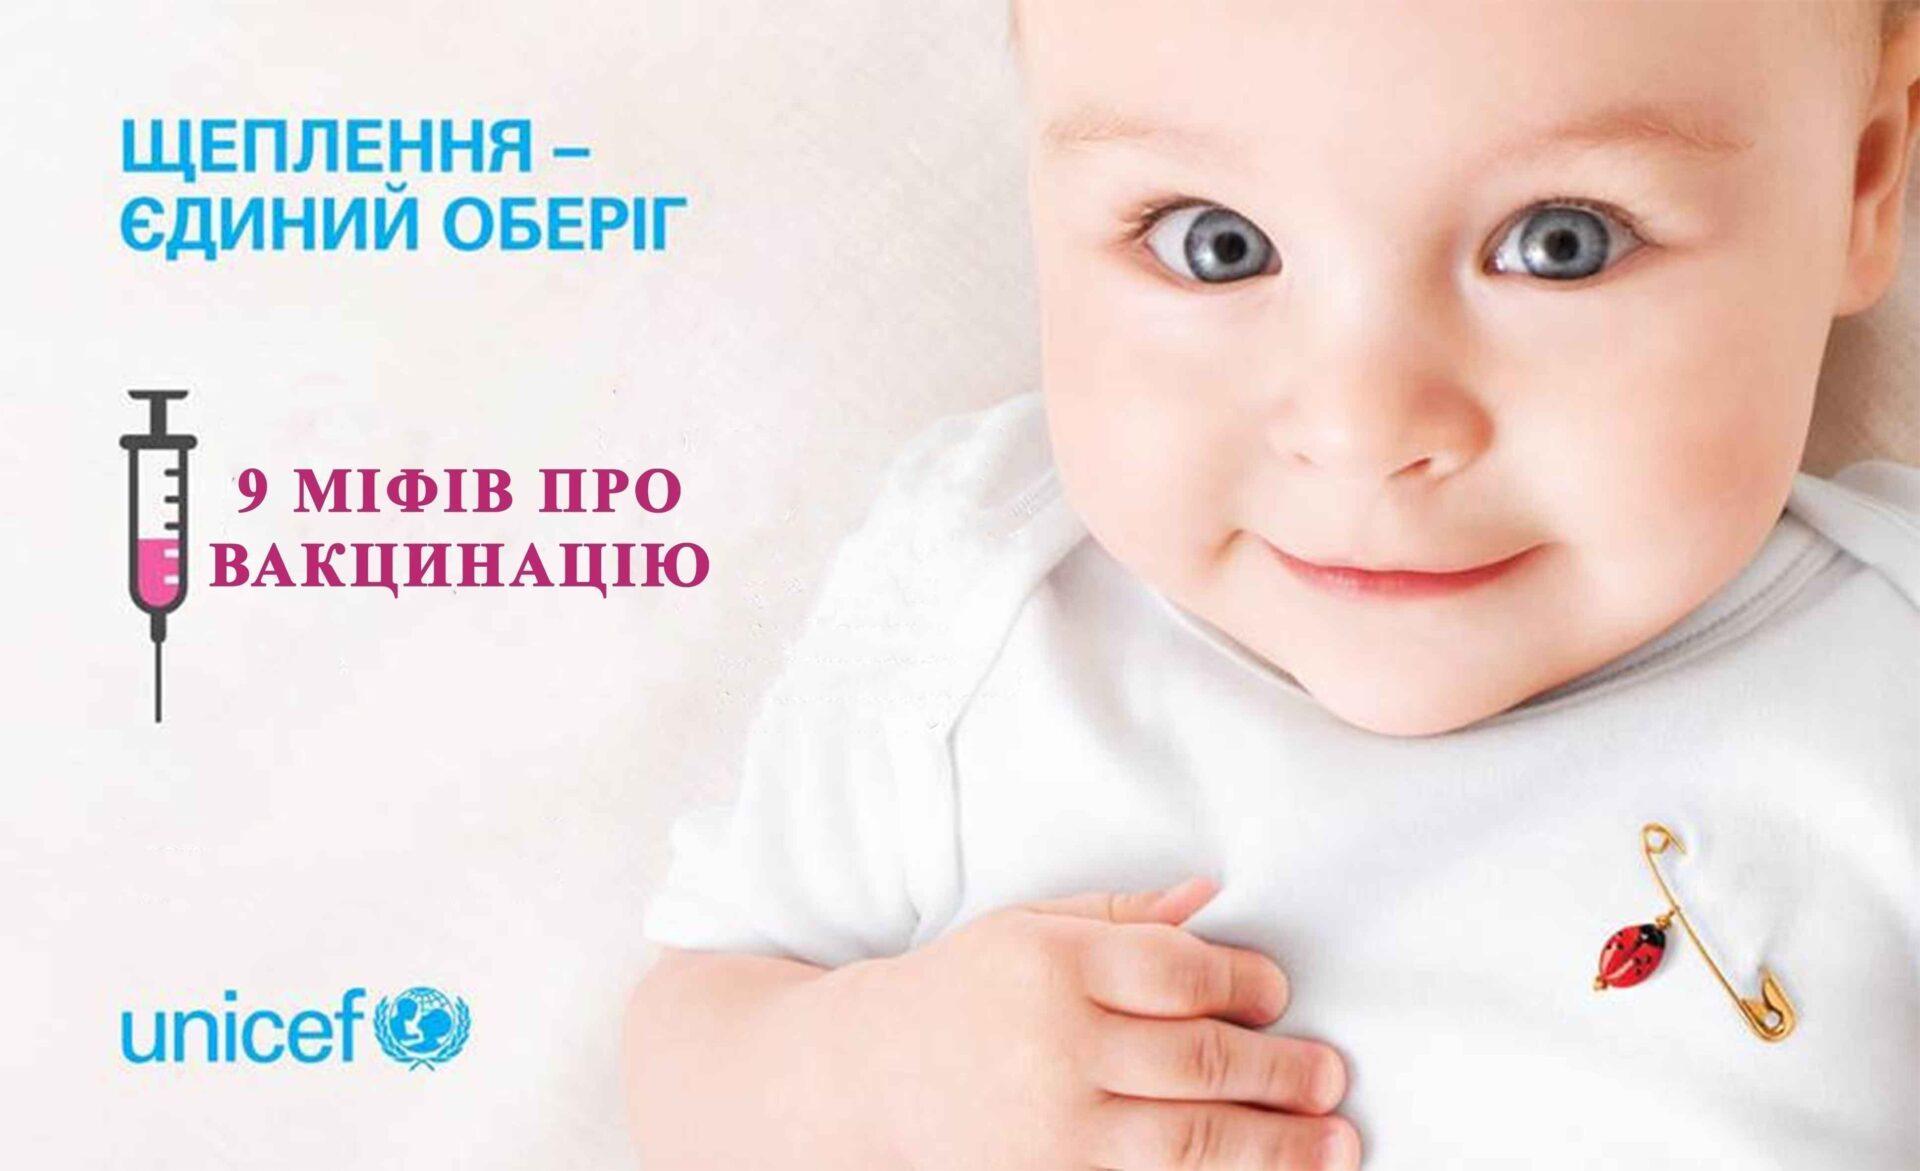 МОЗ України спростовує міфи про вакцинацію та закликає до профілактики детская больница запорожье КНП «Міська дитяча лікарня №5» ЗМР – це єдина у місті Запоріжжі багатопрофільна дитяча лікарня, де сконцентровано всі види надання спеціалізованої медичної допомоги дитячому населенню: стаціонарної, консультативної амбулаторно-поліклінічної та виїзної для інтенсивної терапії новонародженим.